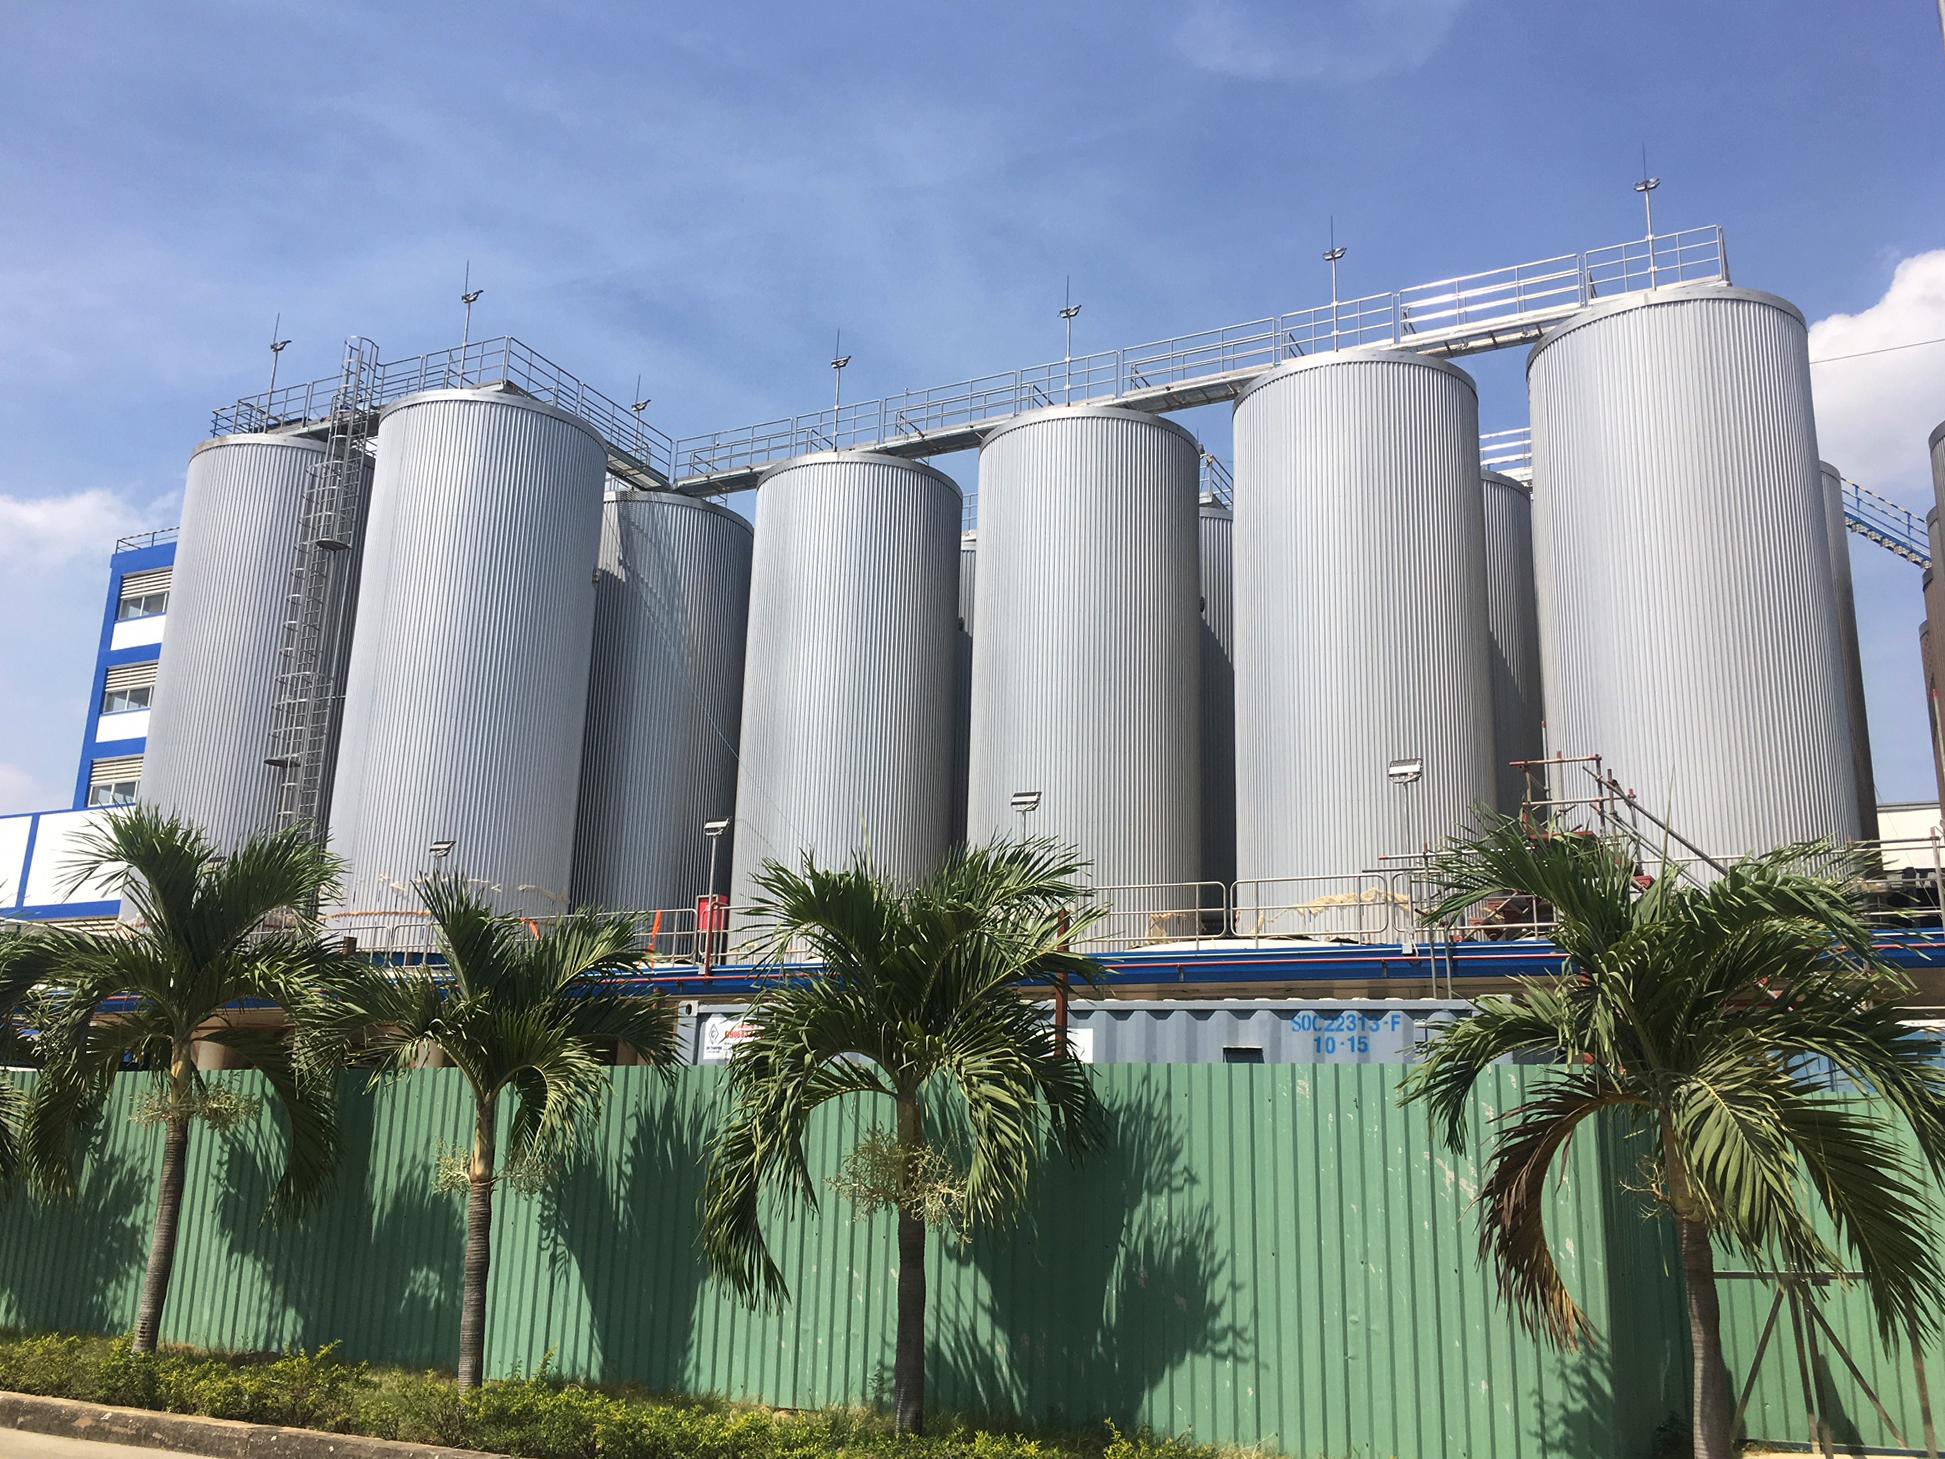 Dự án mở rộng công suất cho nhà máy Heineken Vũng Tàu - giai đoạn 1